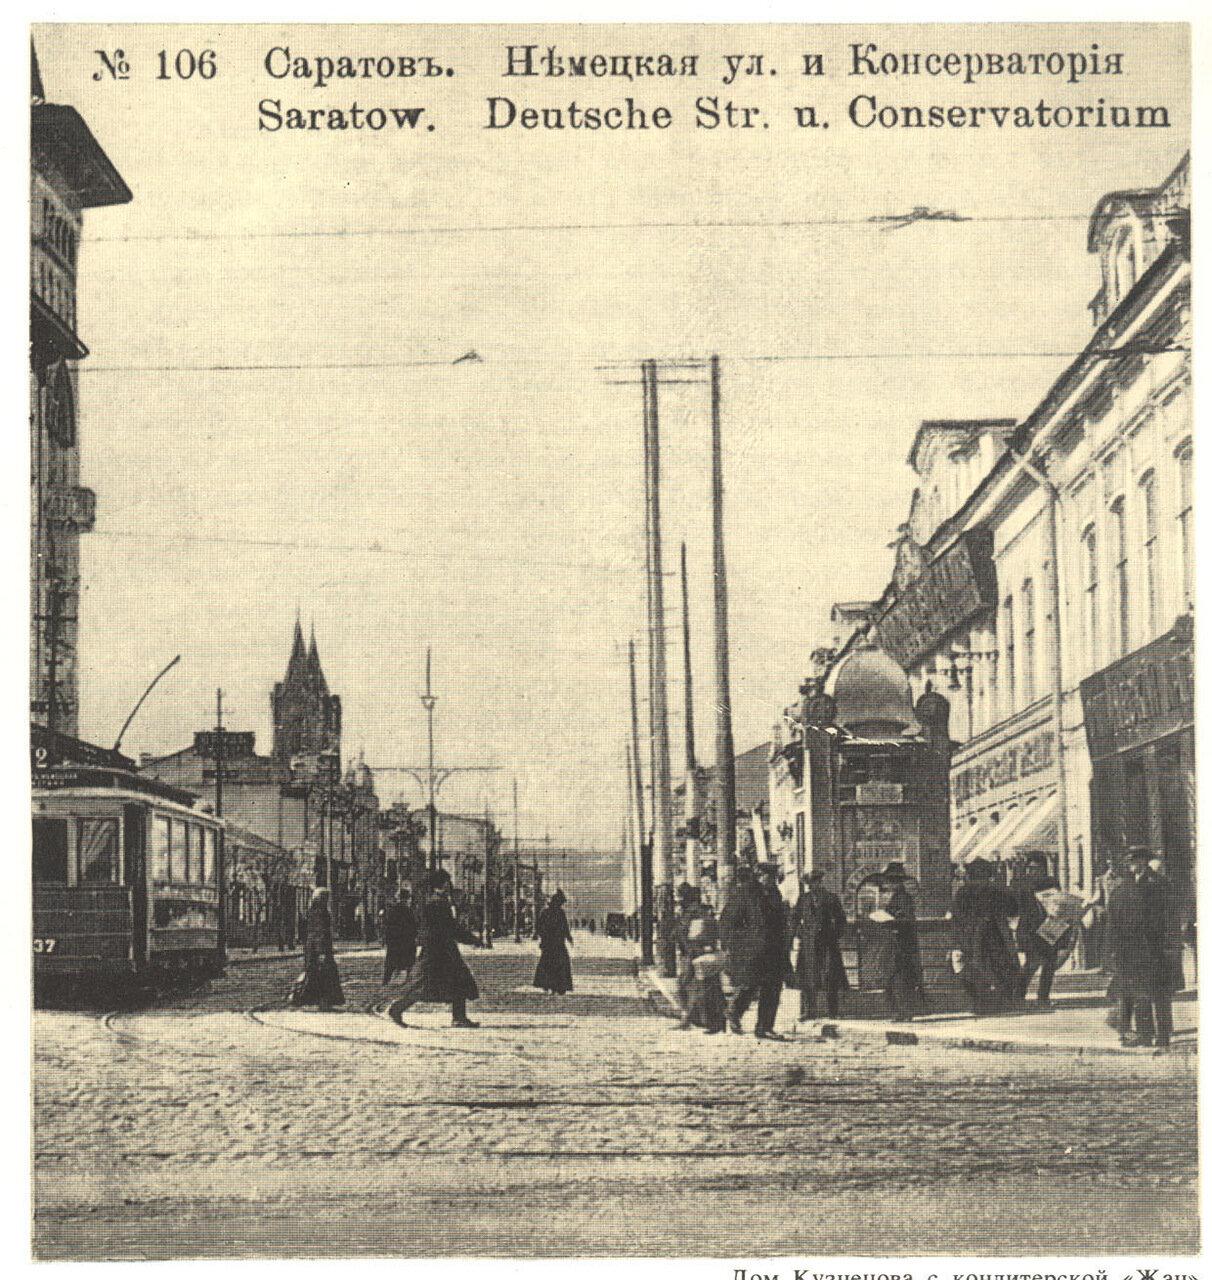 Немецкая улица и Консерватория